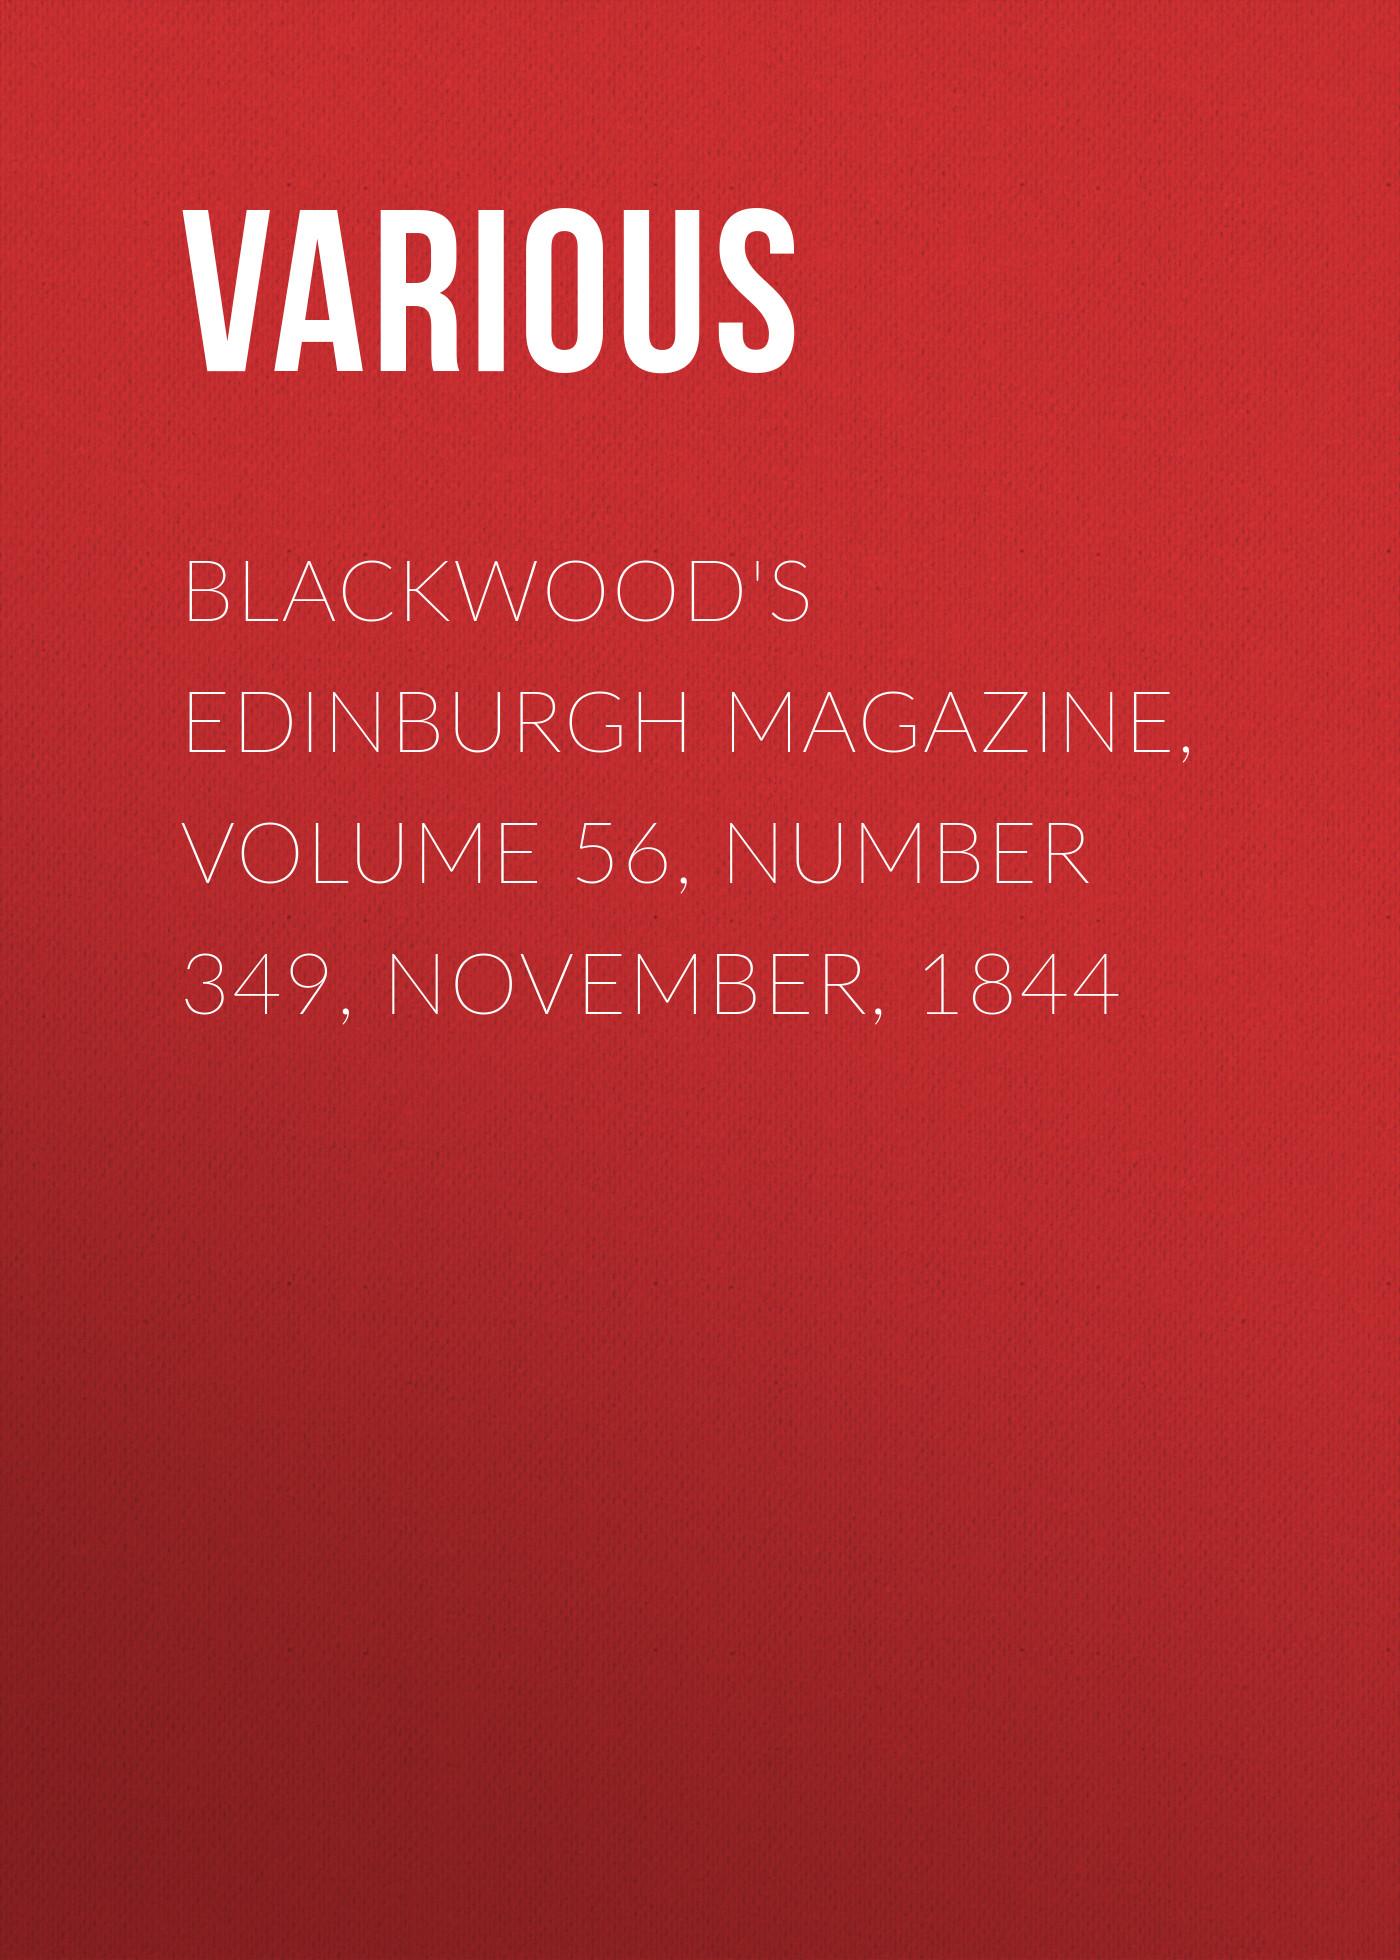 лучшая цена Various Blackwood's Edinburgh Magazine, Volume 56, Number 349, November, 1844